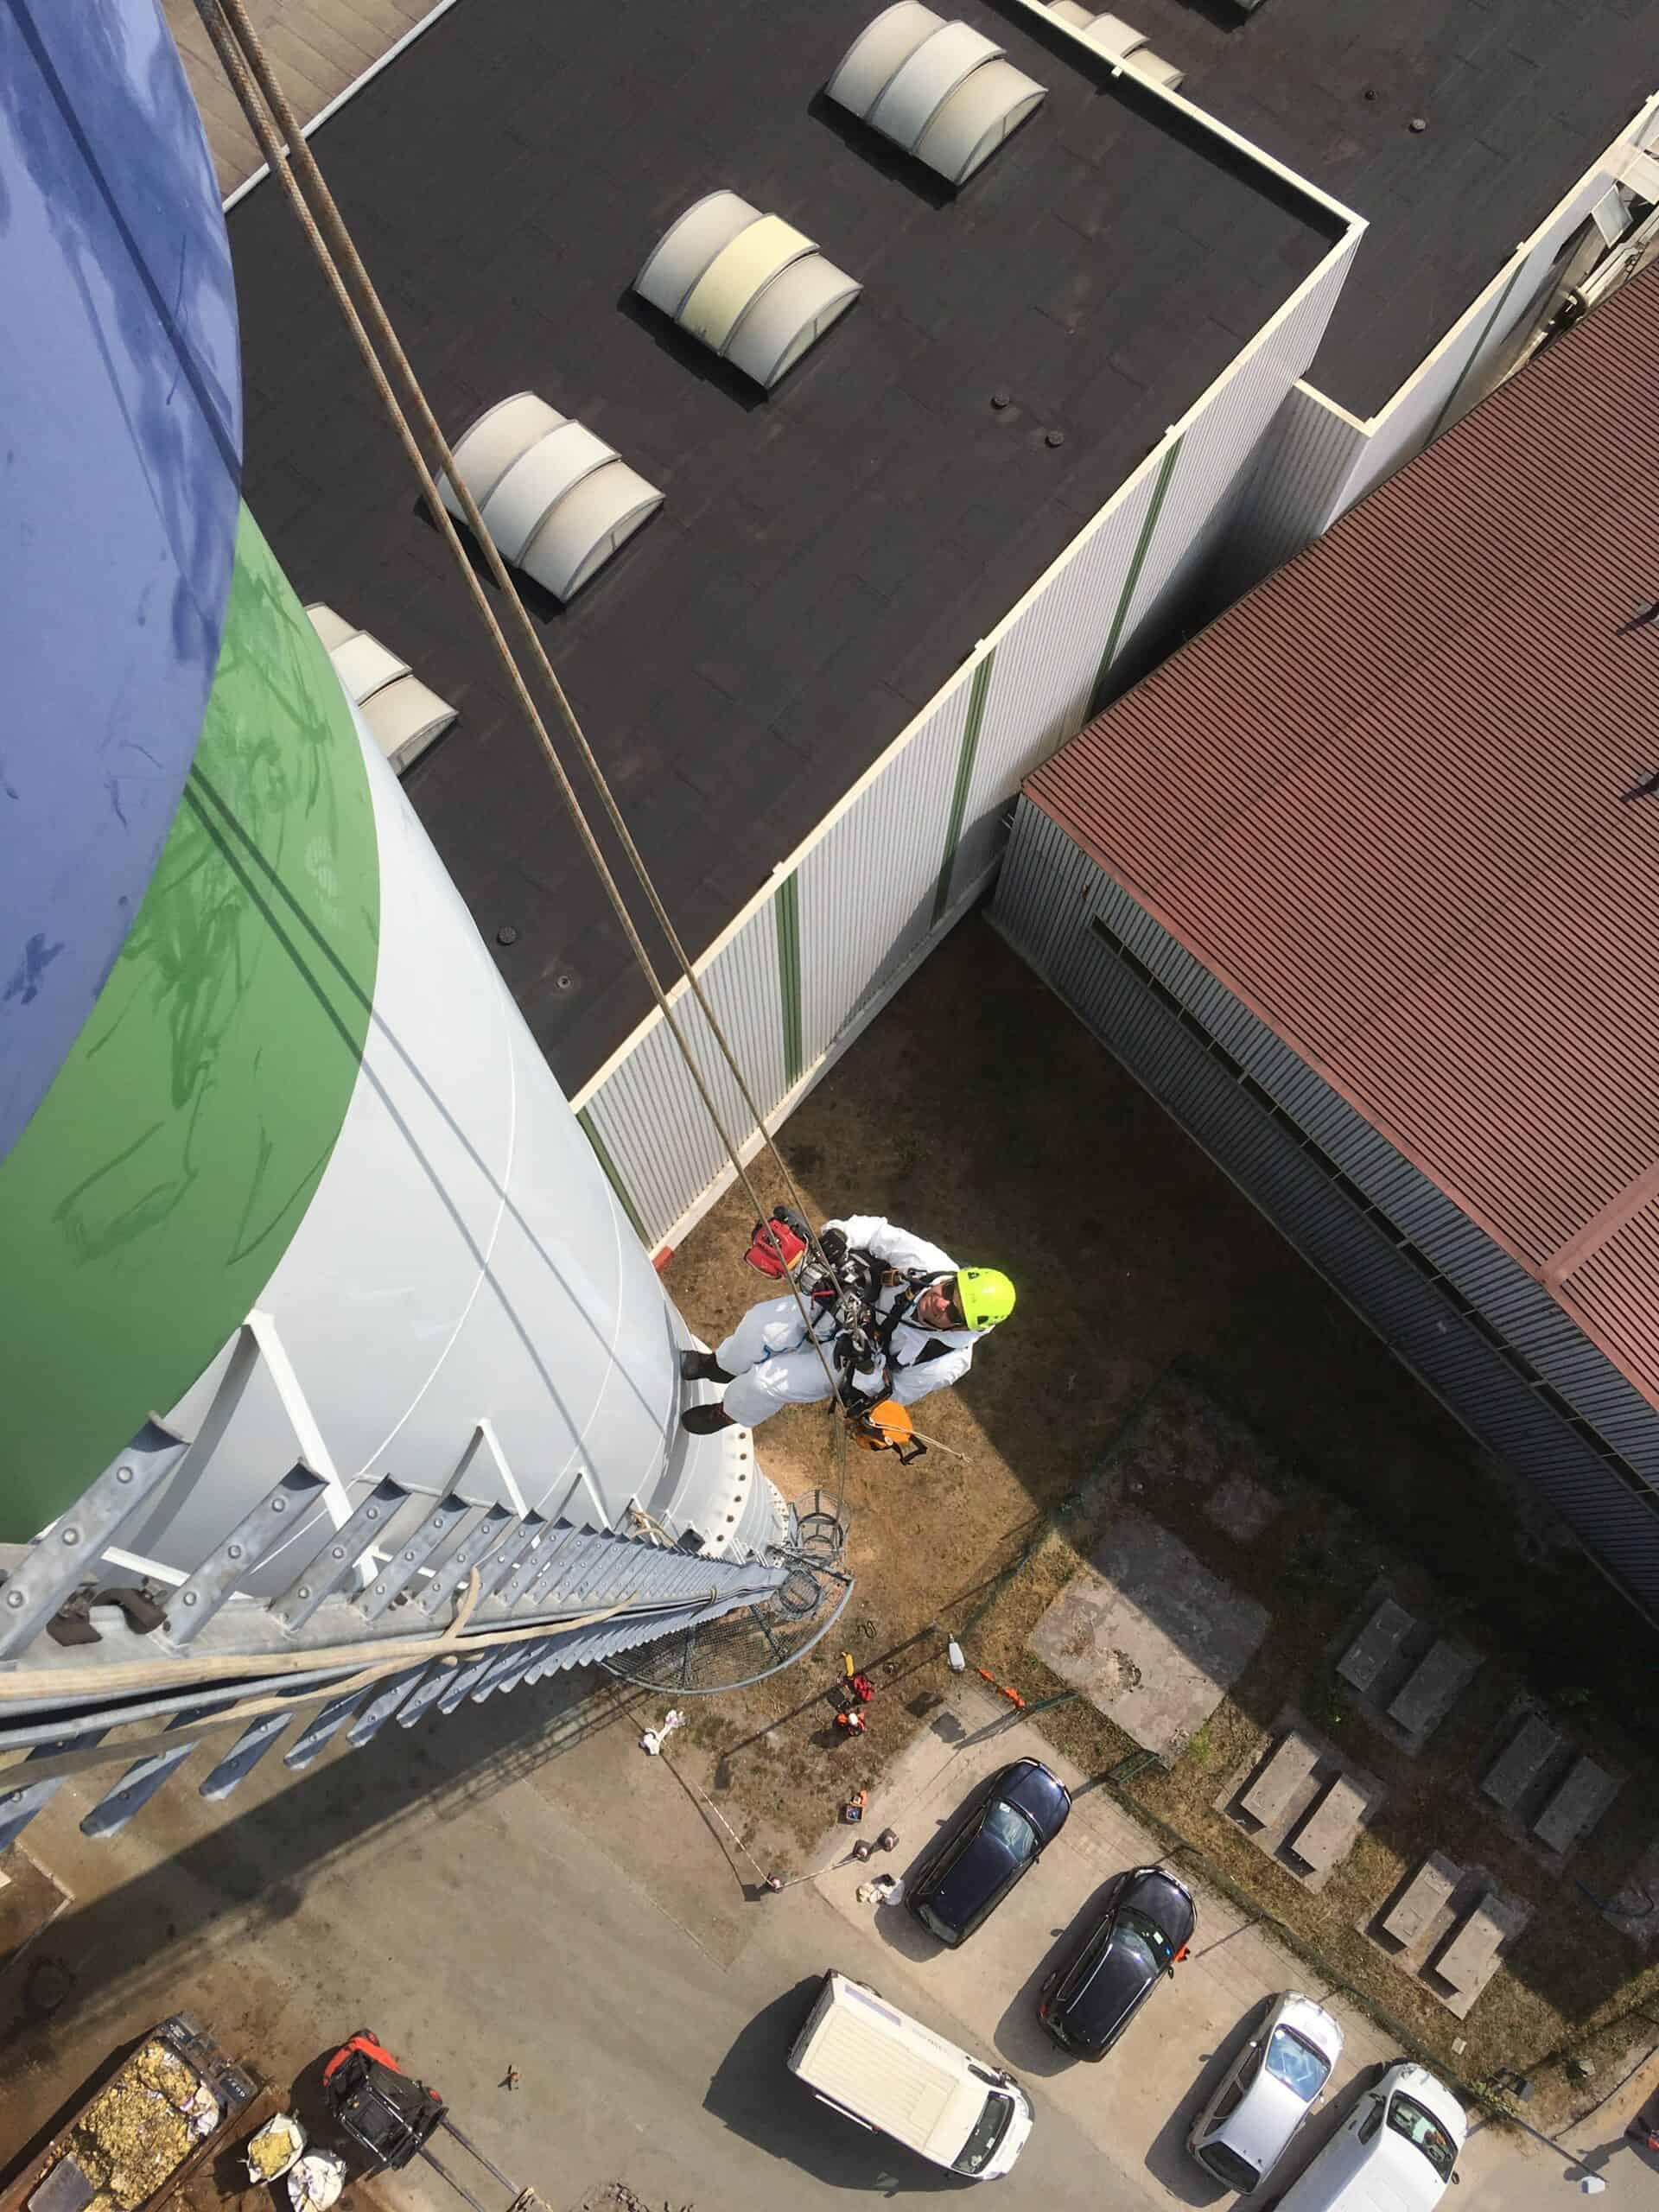 Prace na wysokościach, pracownik wspina się po kominie, usługi alpinistyczne Climbnet